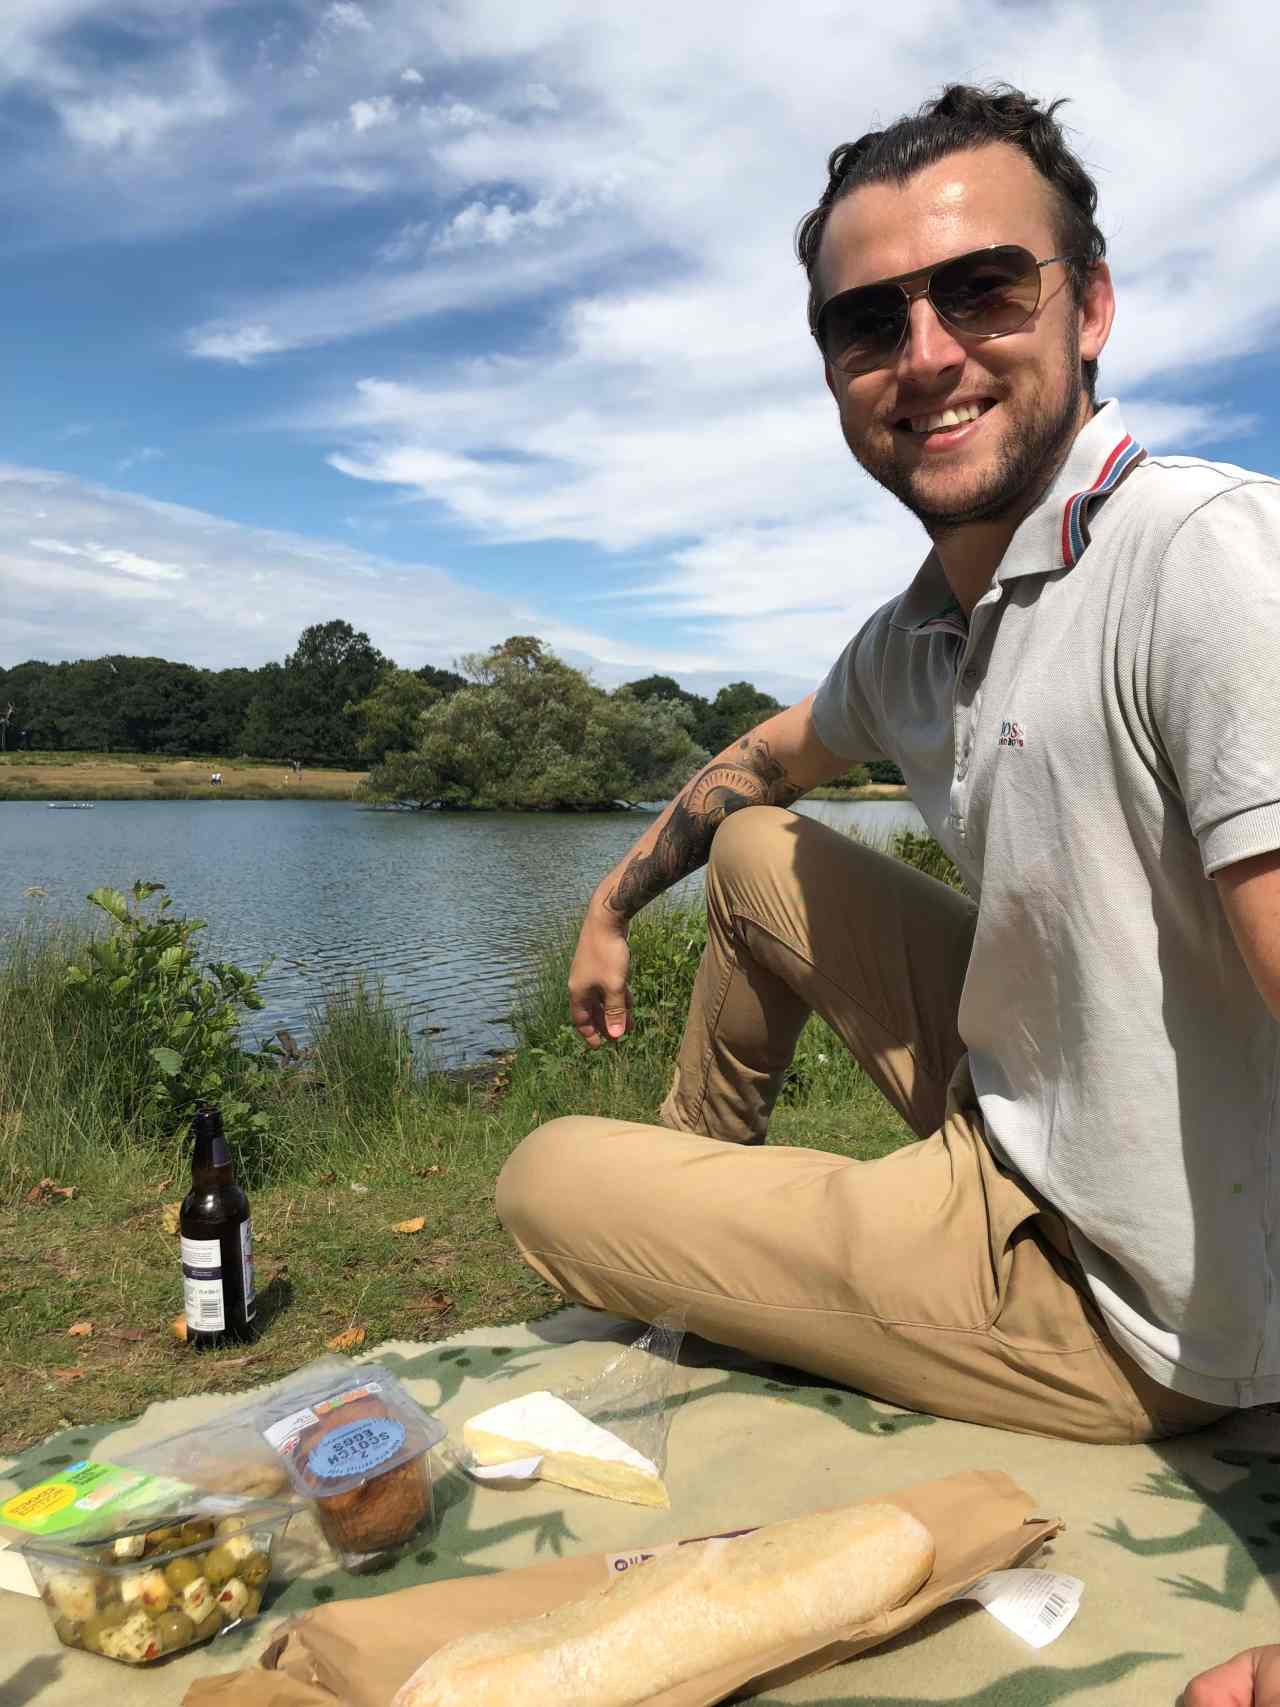 Picnic by Richmond Park lake